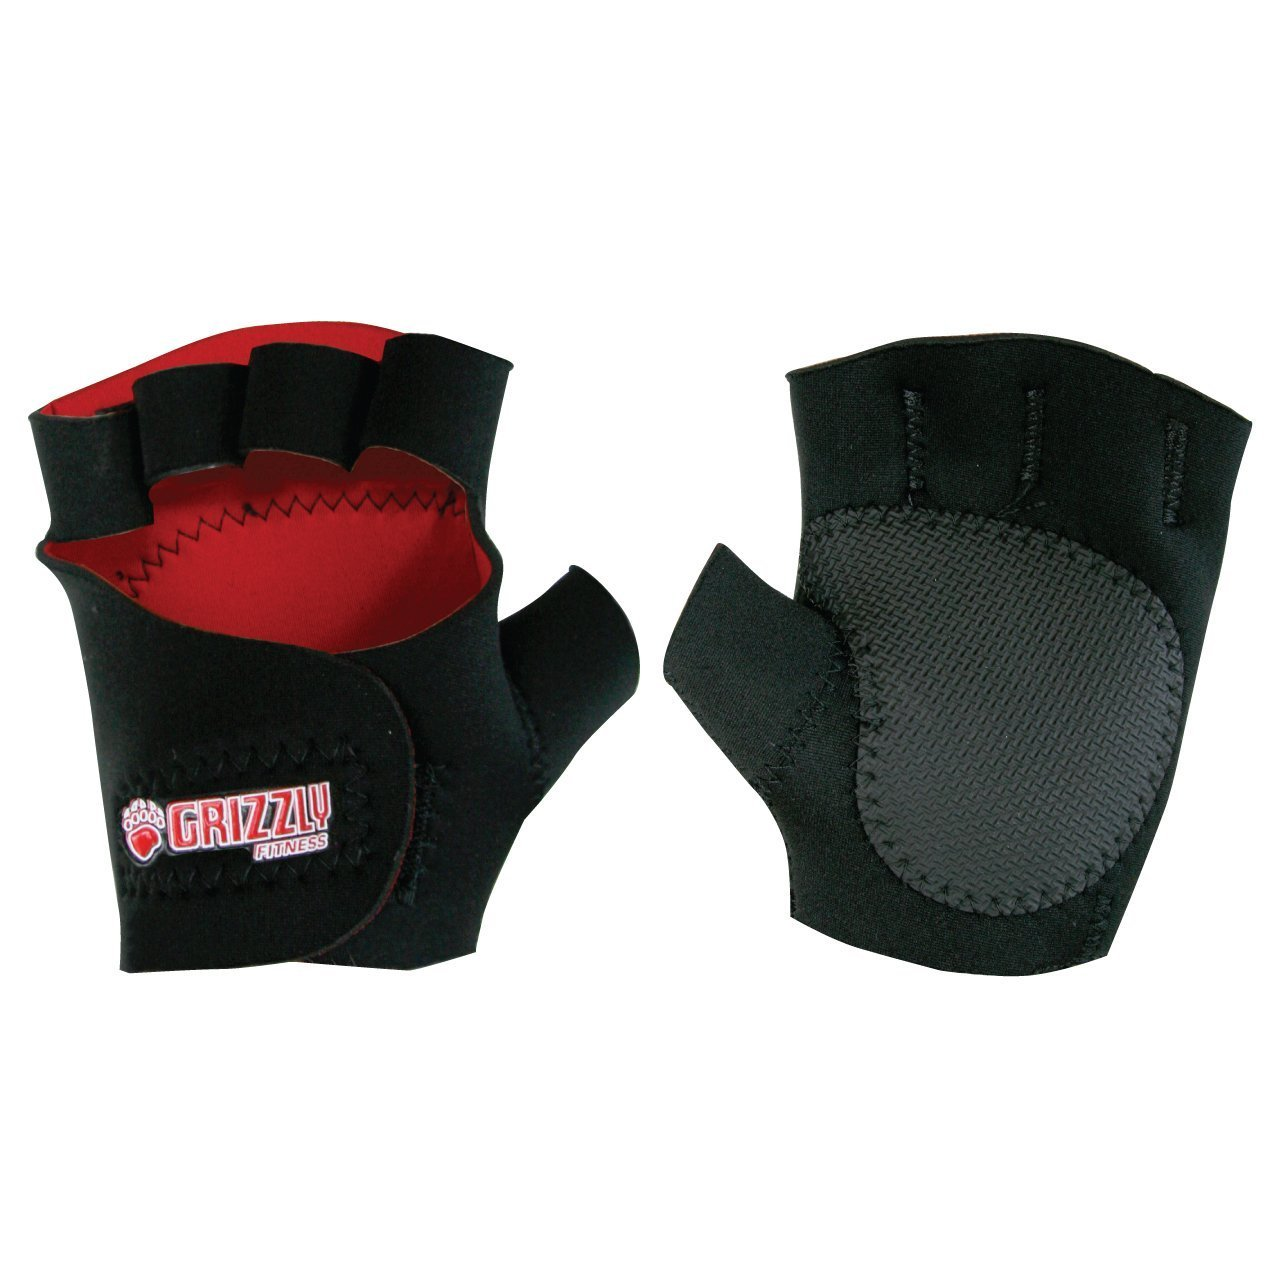 Grizzly Fitness Sticky Paw Neoprene Training Gloves GRIZ2 10-873201